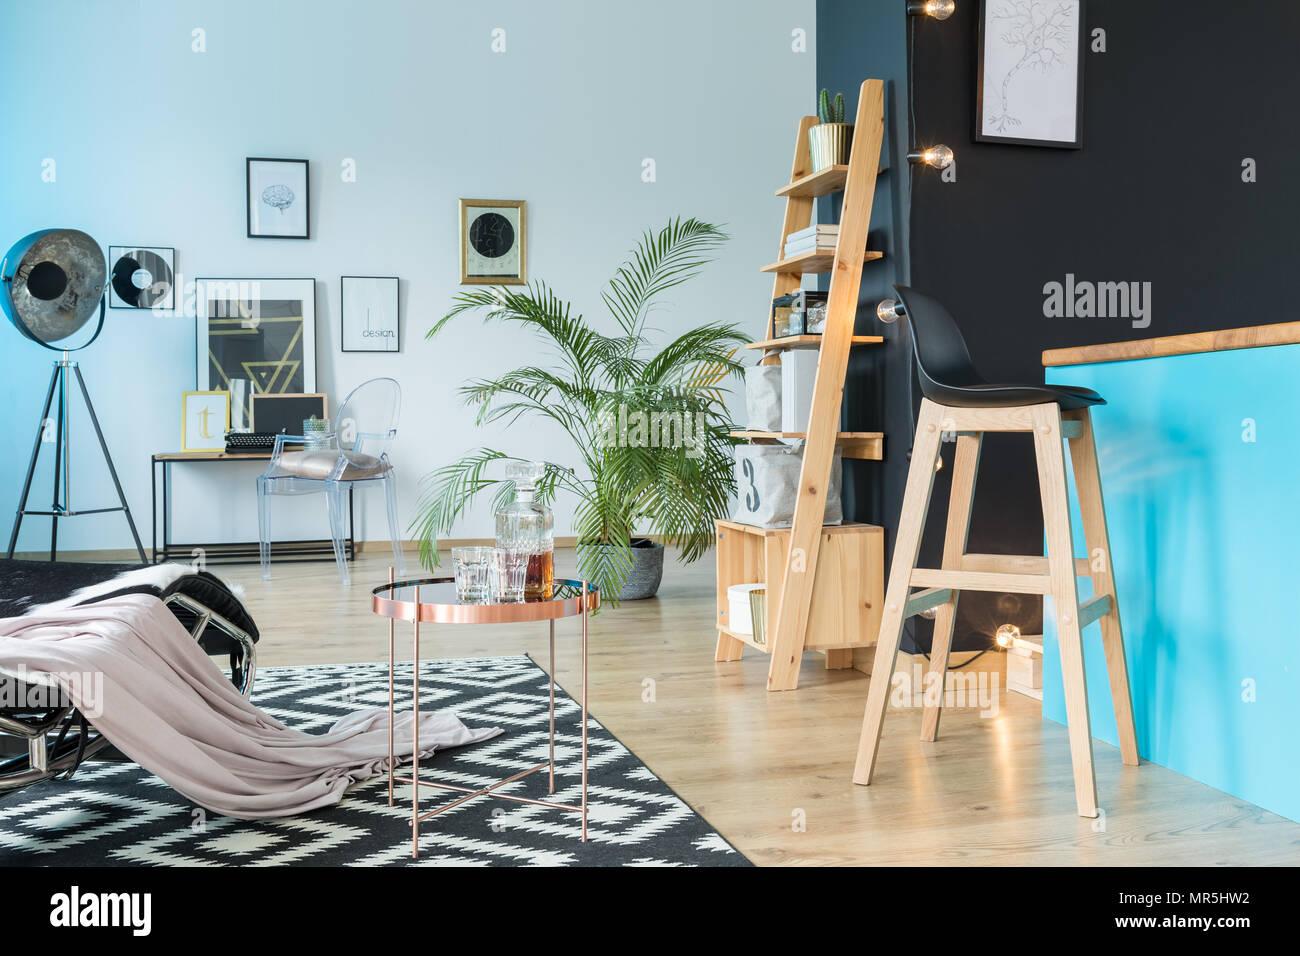 Spaziosa sala relax con sgabello a isola per cucina e scaffale di